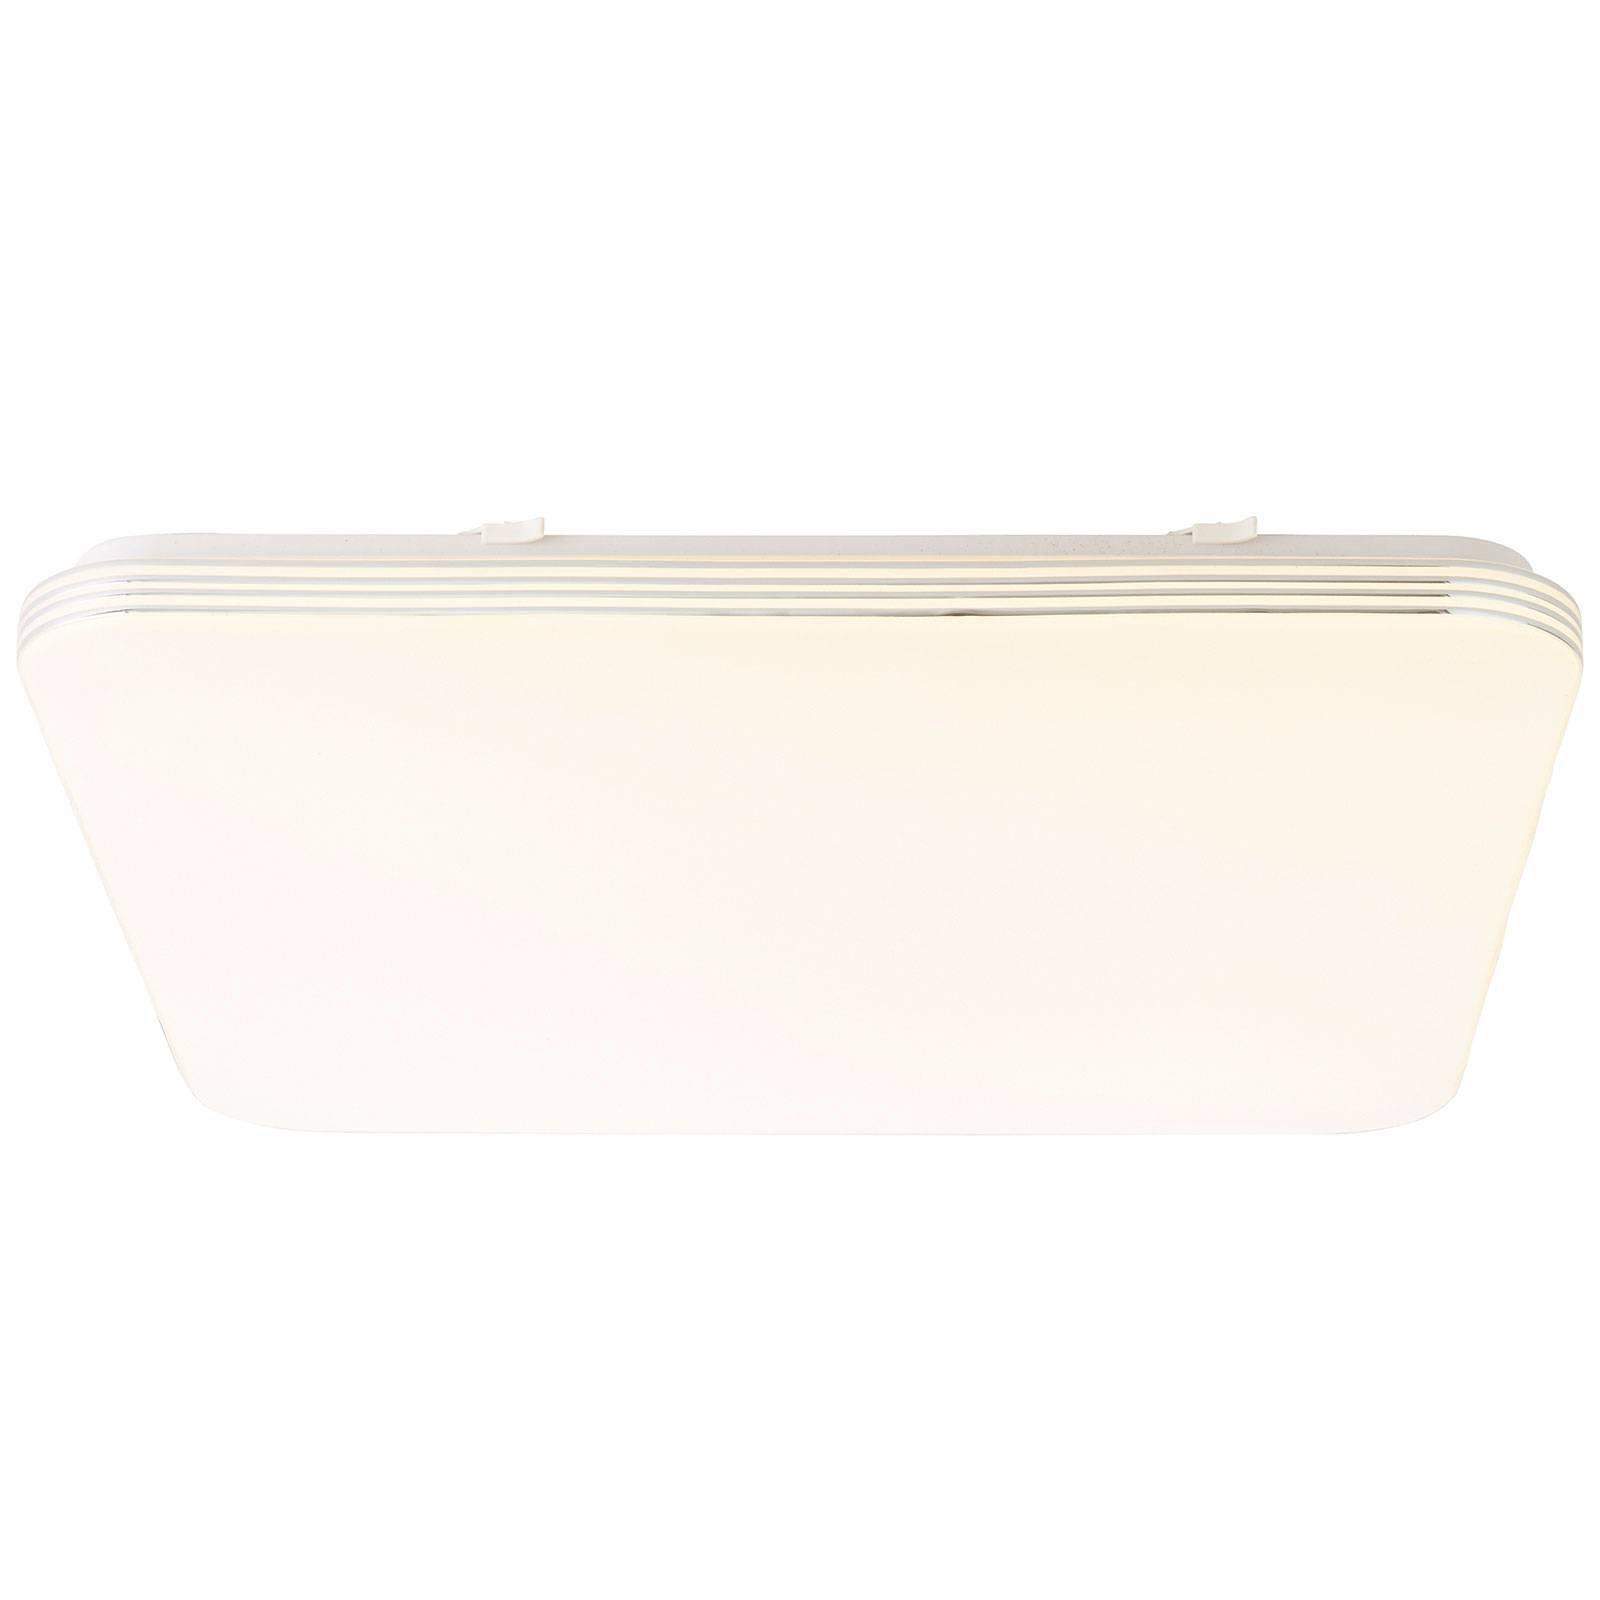 LED-taklampe Ariella i hvit/krom, 54 x 54 cm